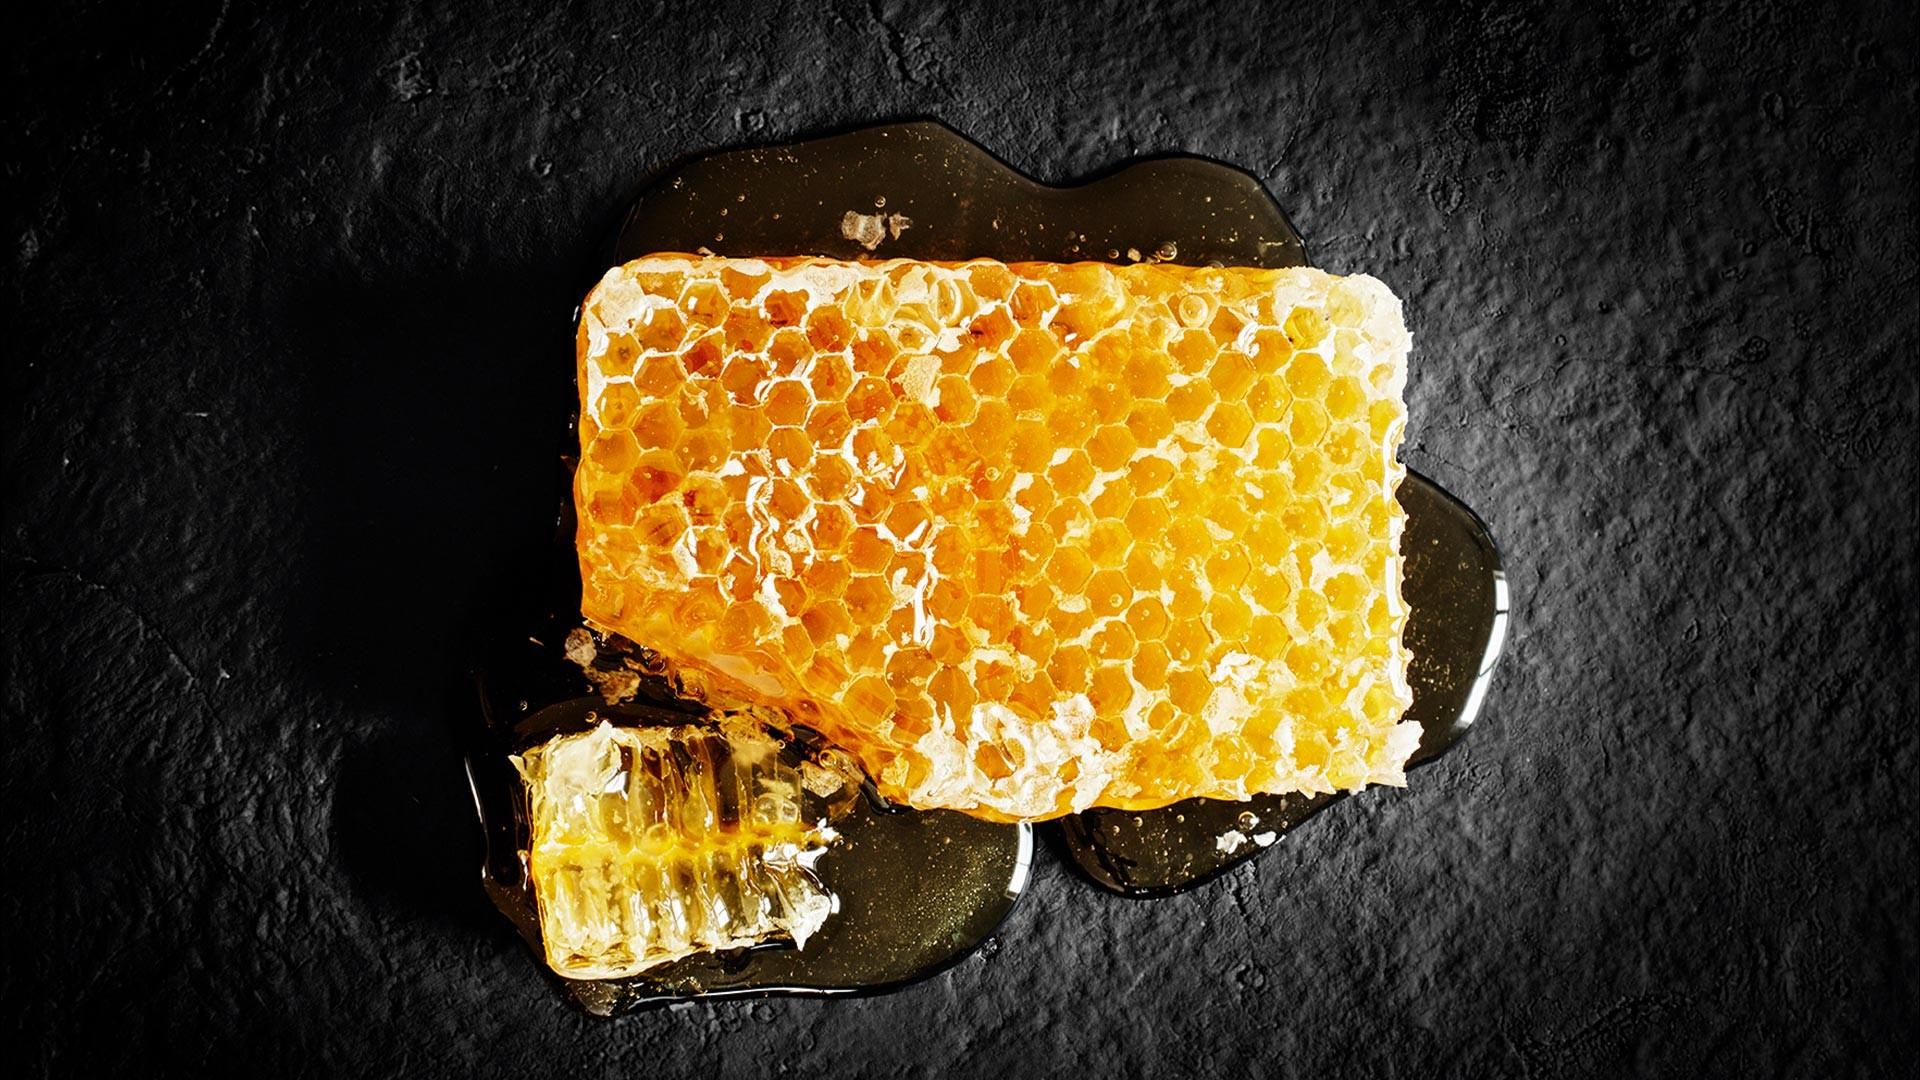 Organic Zambian honey